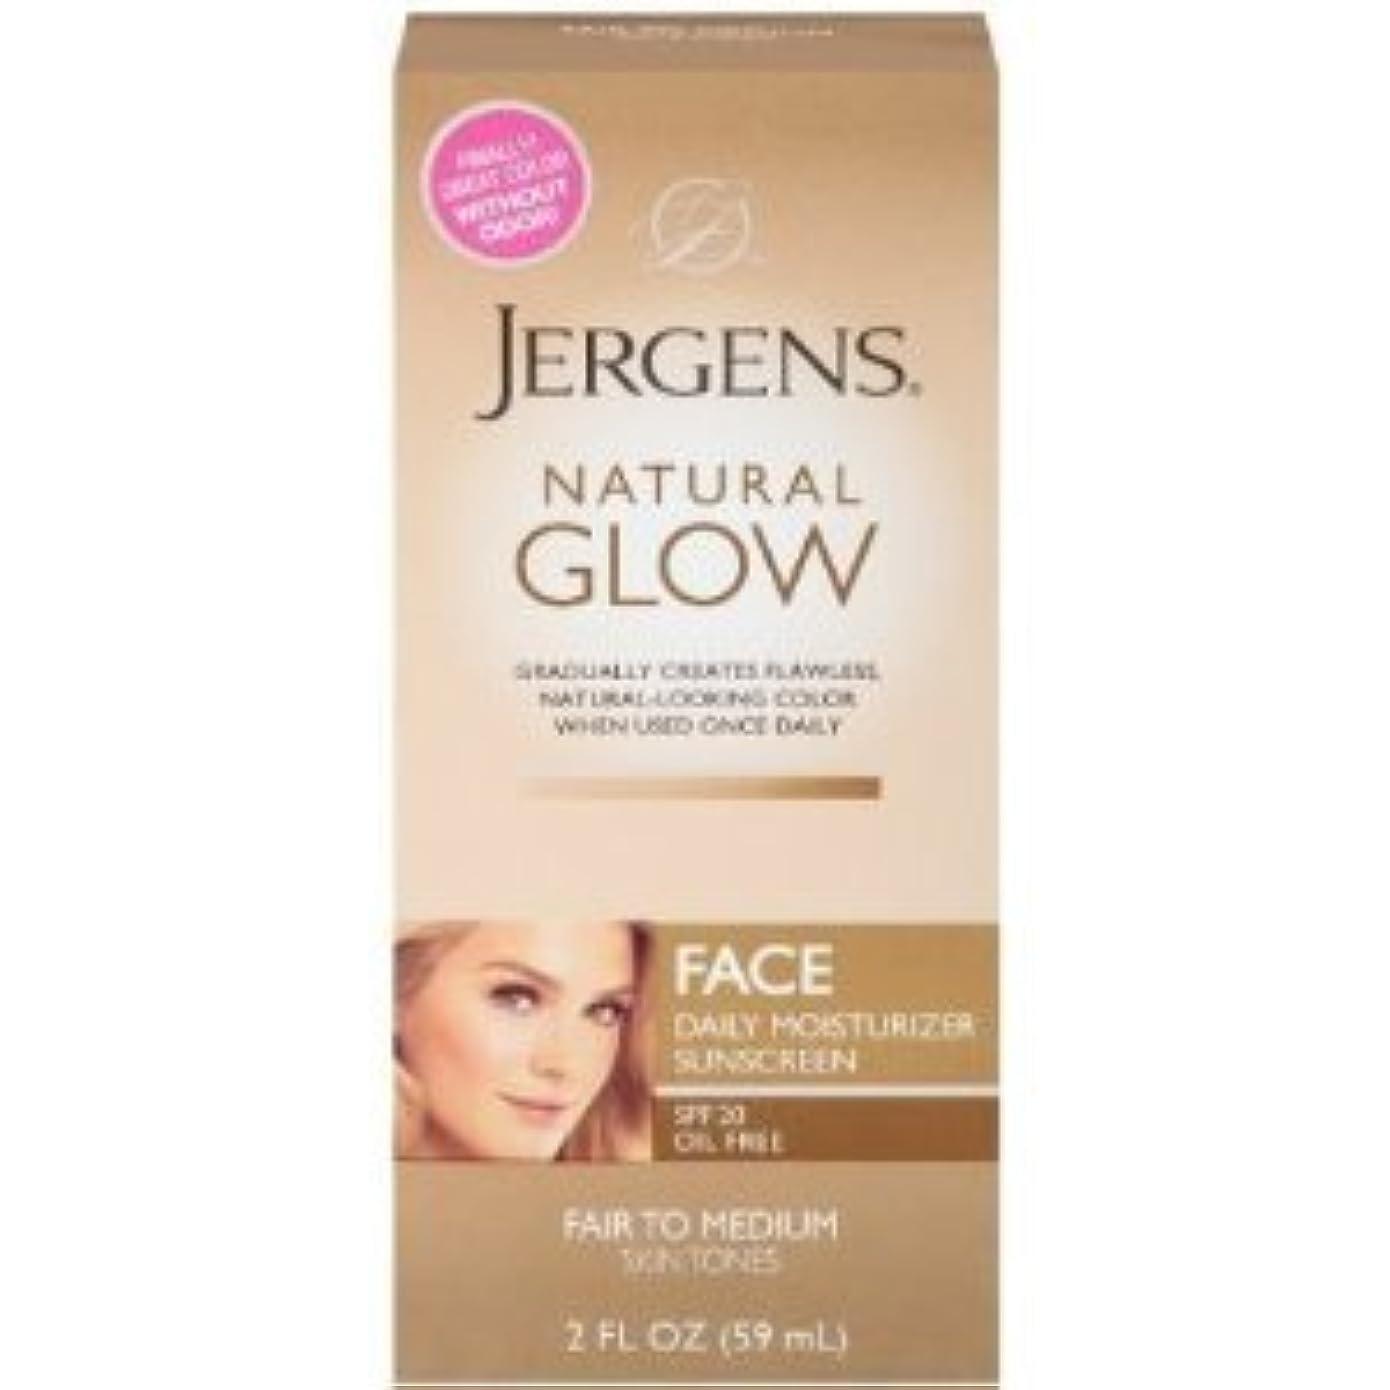 束ねる入口不運Natural Glow Healthy Complexion Daily Facial Moisturizer, SPF 20, Fair to Medium Tan, (59ml) (海外直送品)